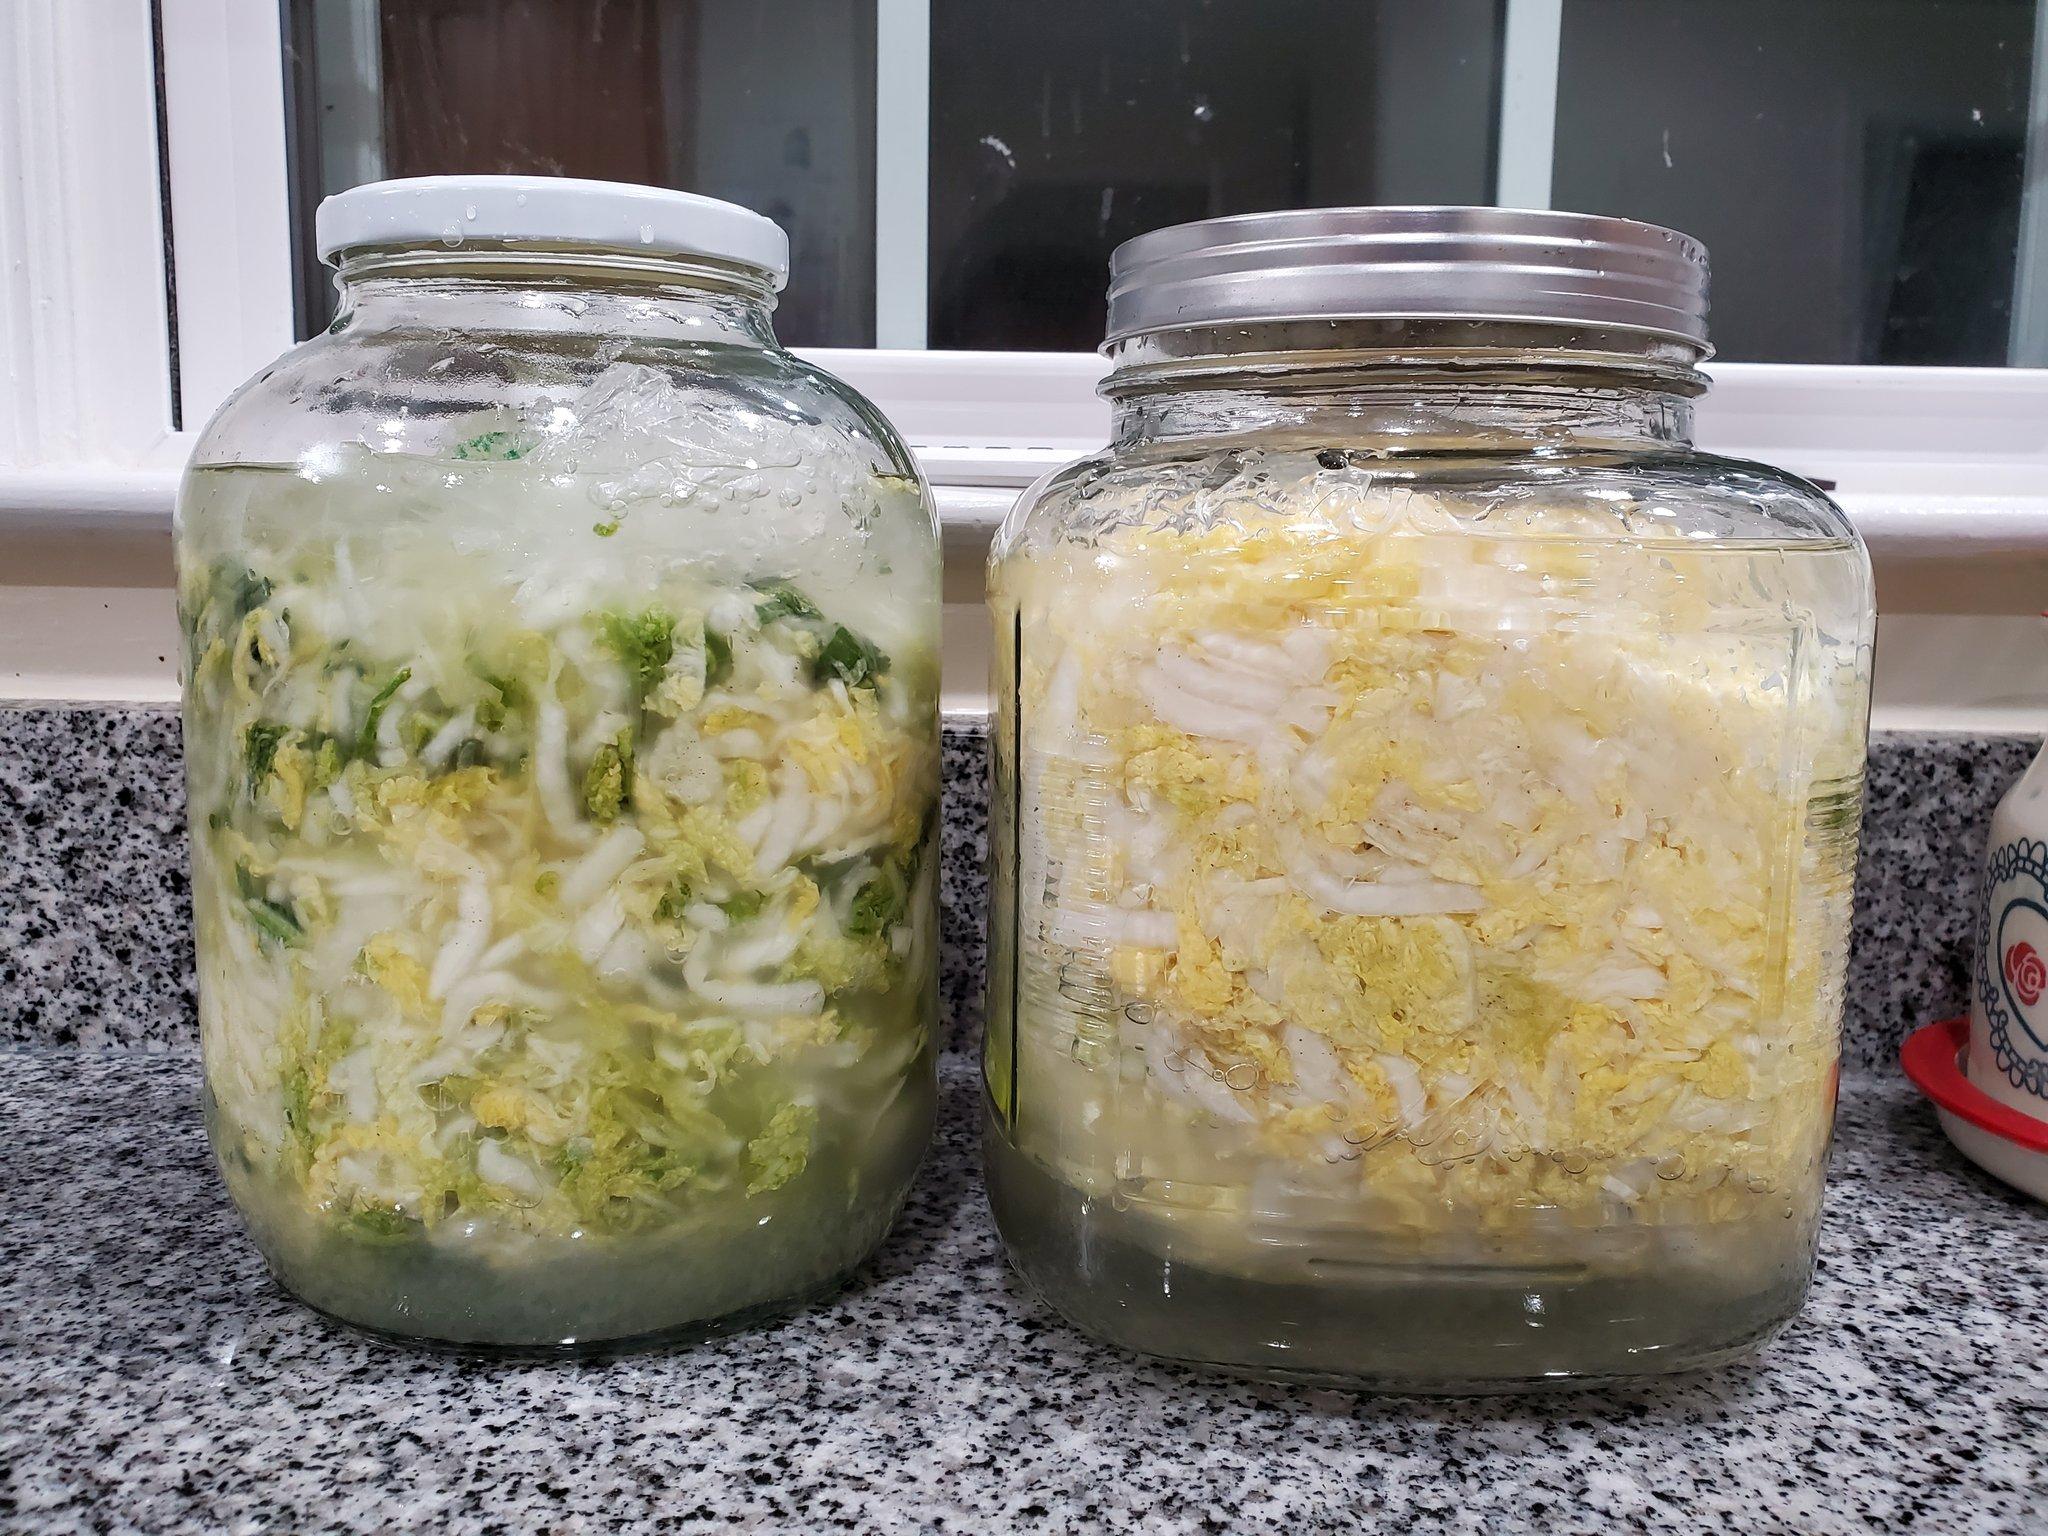 美国家常东北酸菜的简易做法